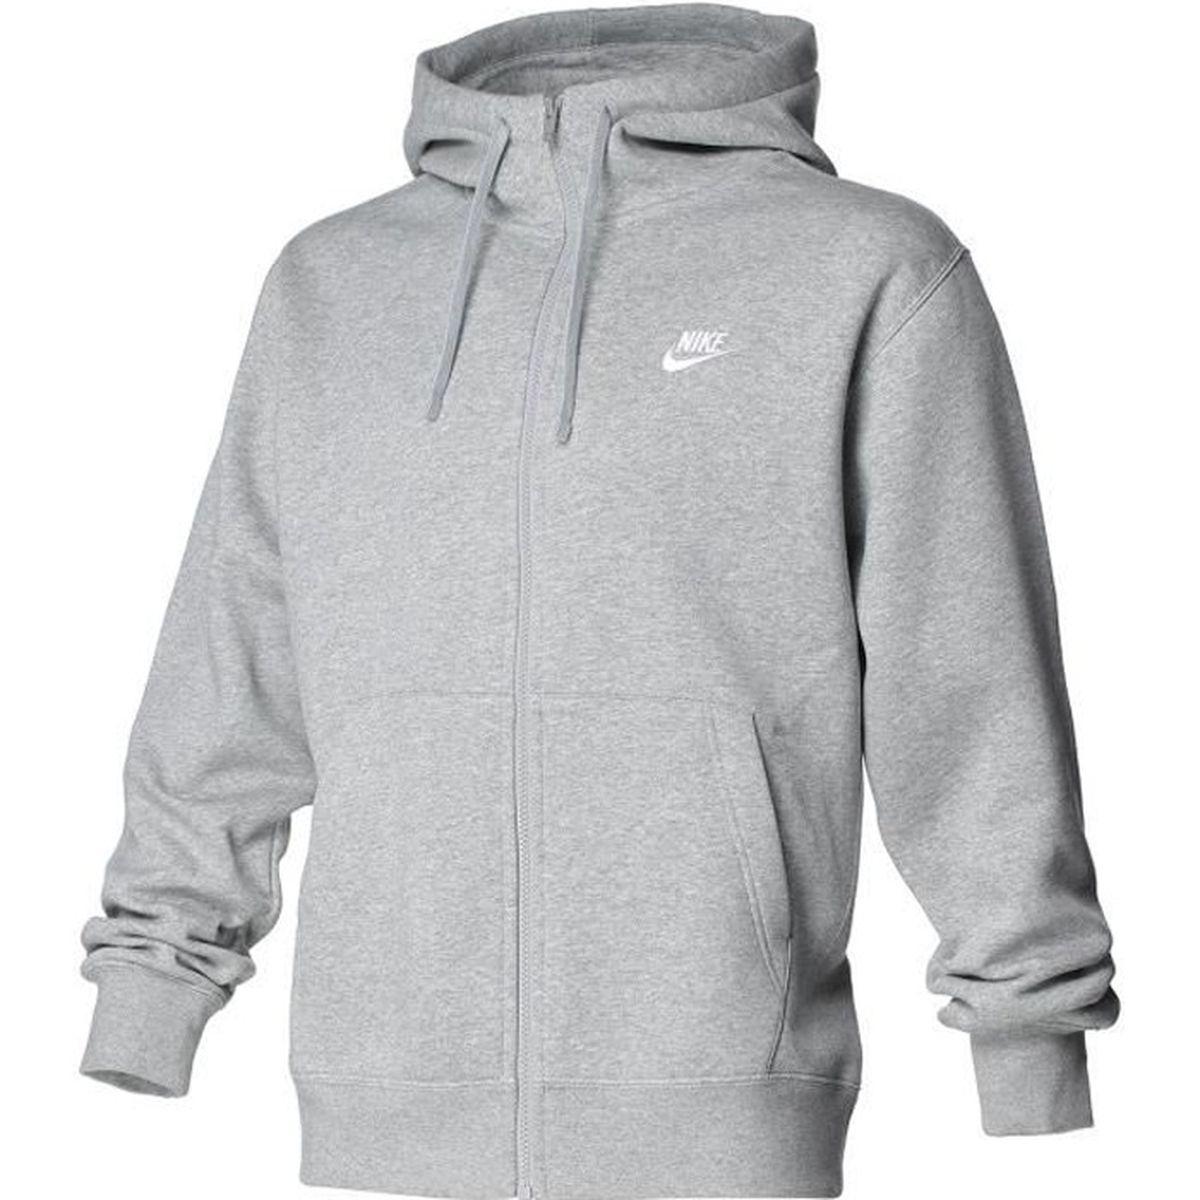 Capuche Nike Capuche Zippe Sweat Sweat A Nike A Nike Sweat Zippe Capuche A AR3L4j5